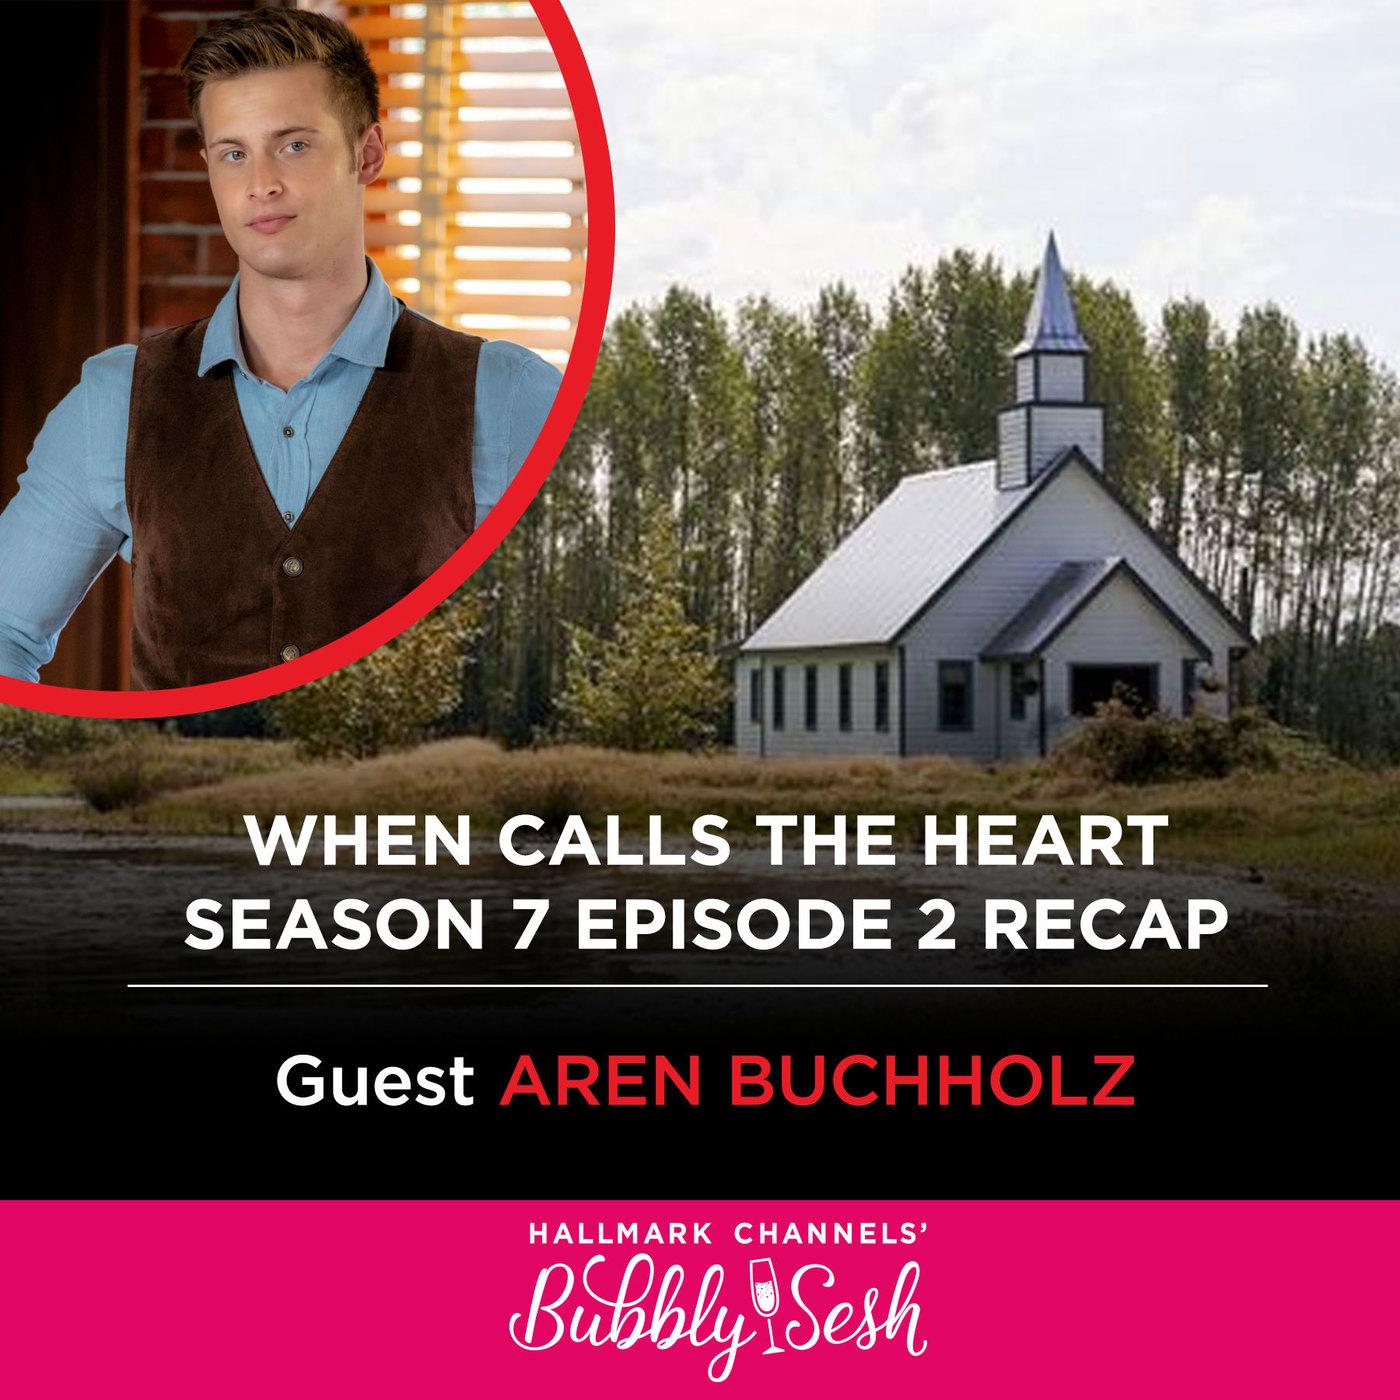 When Calls The Heart Season 7, Episode 2 Recap with Guest Aren Buchholz, Actor